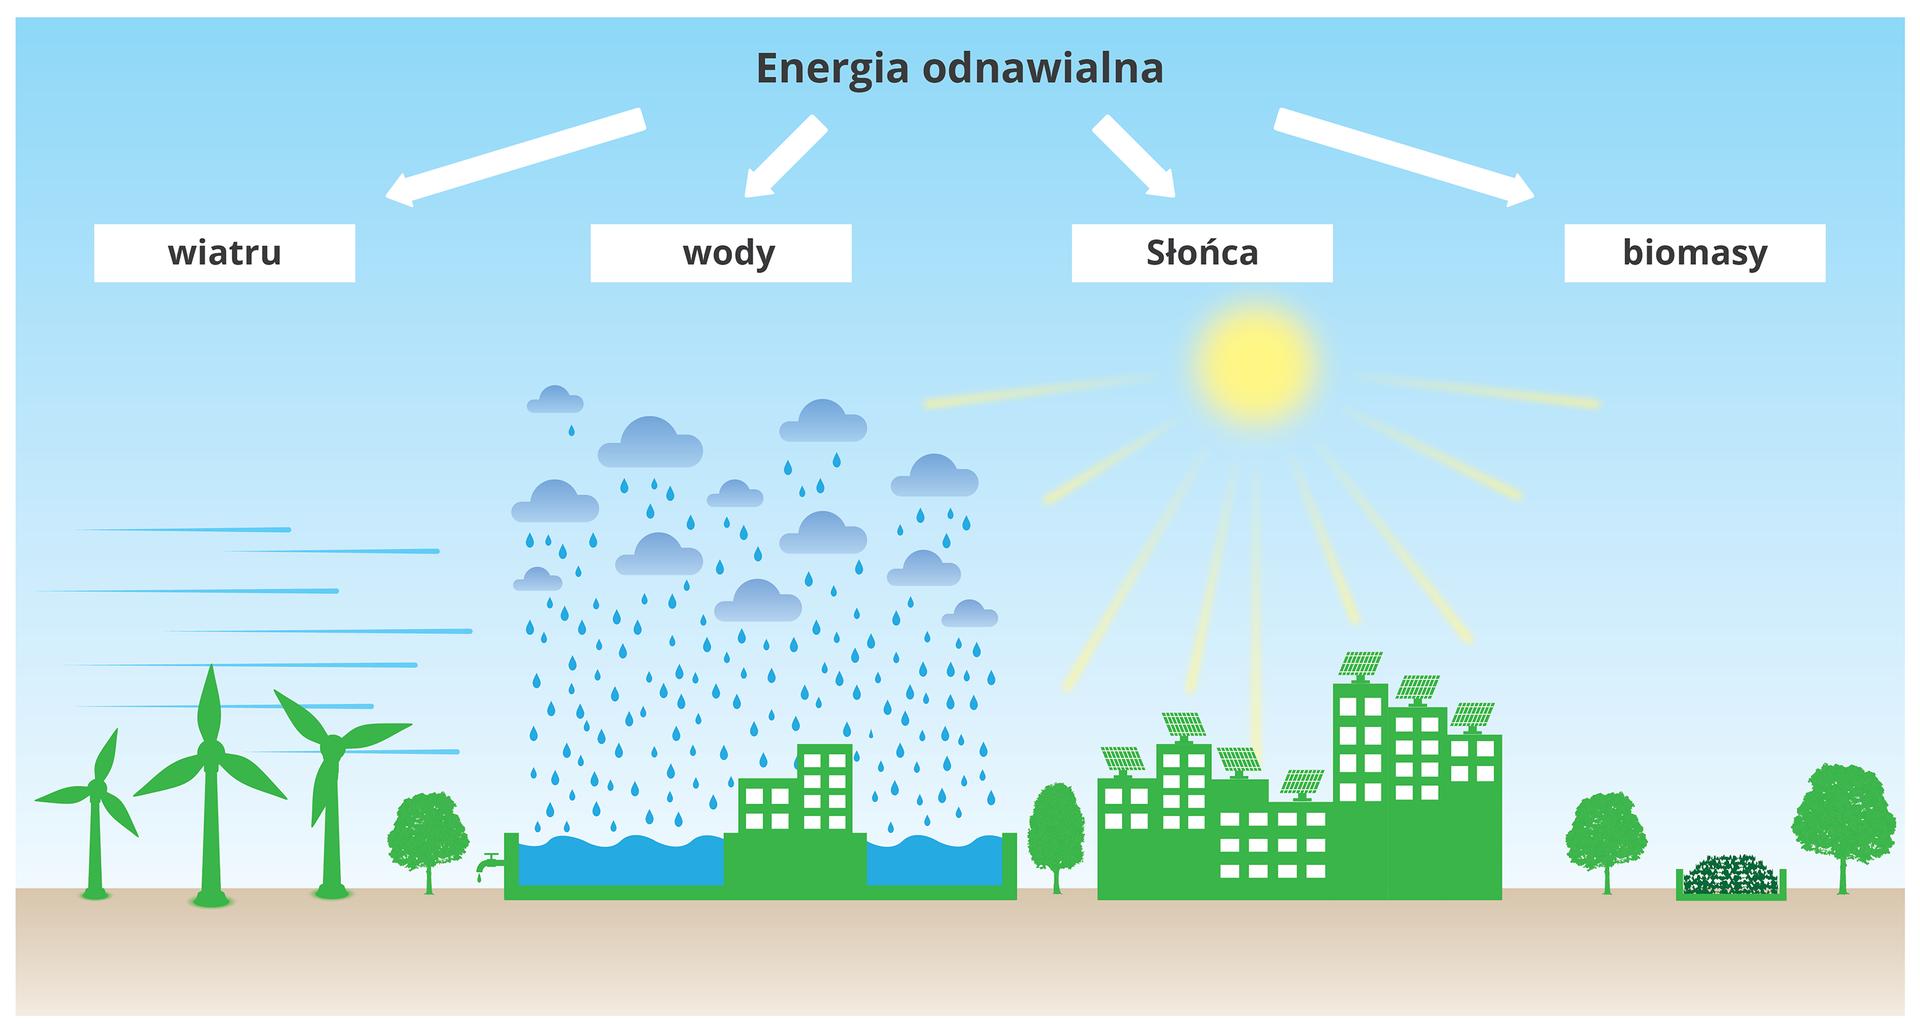 Ilustracja przedstawia rodzajie energii odnawialnej:energie wody, wiatru, słońca, biomasy iilustrujące je obrazki.